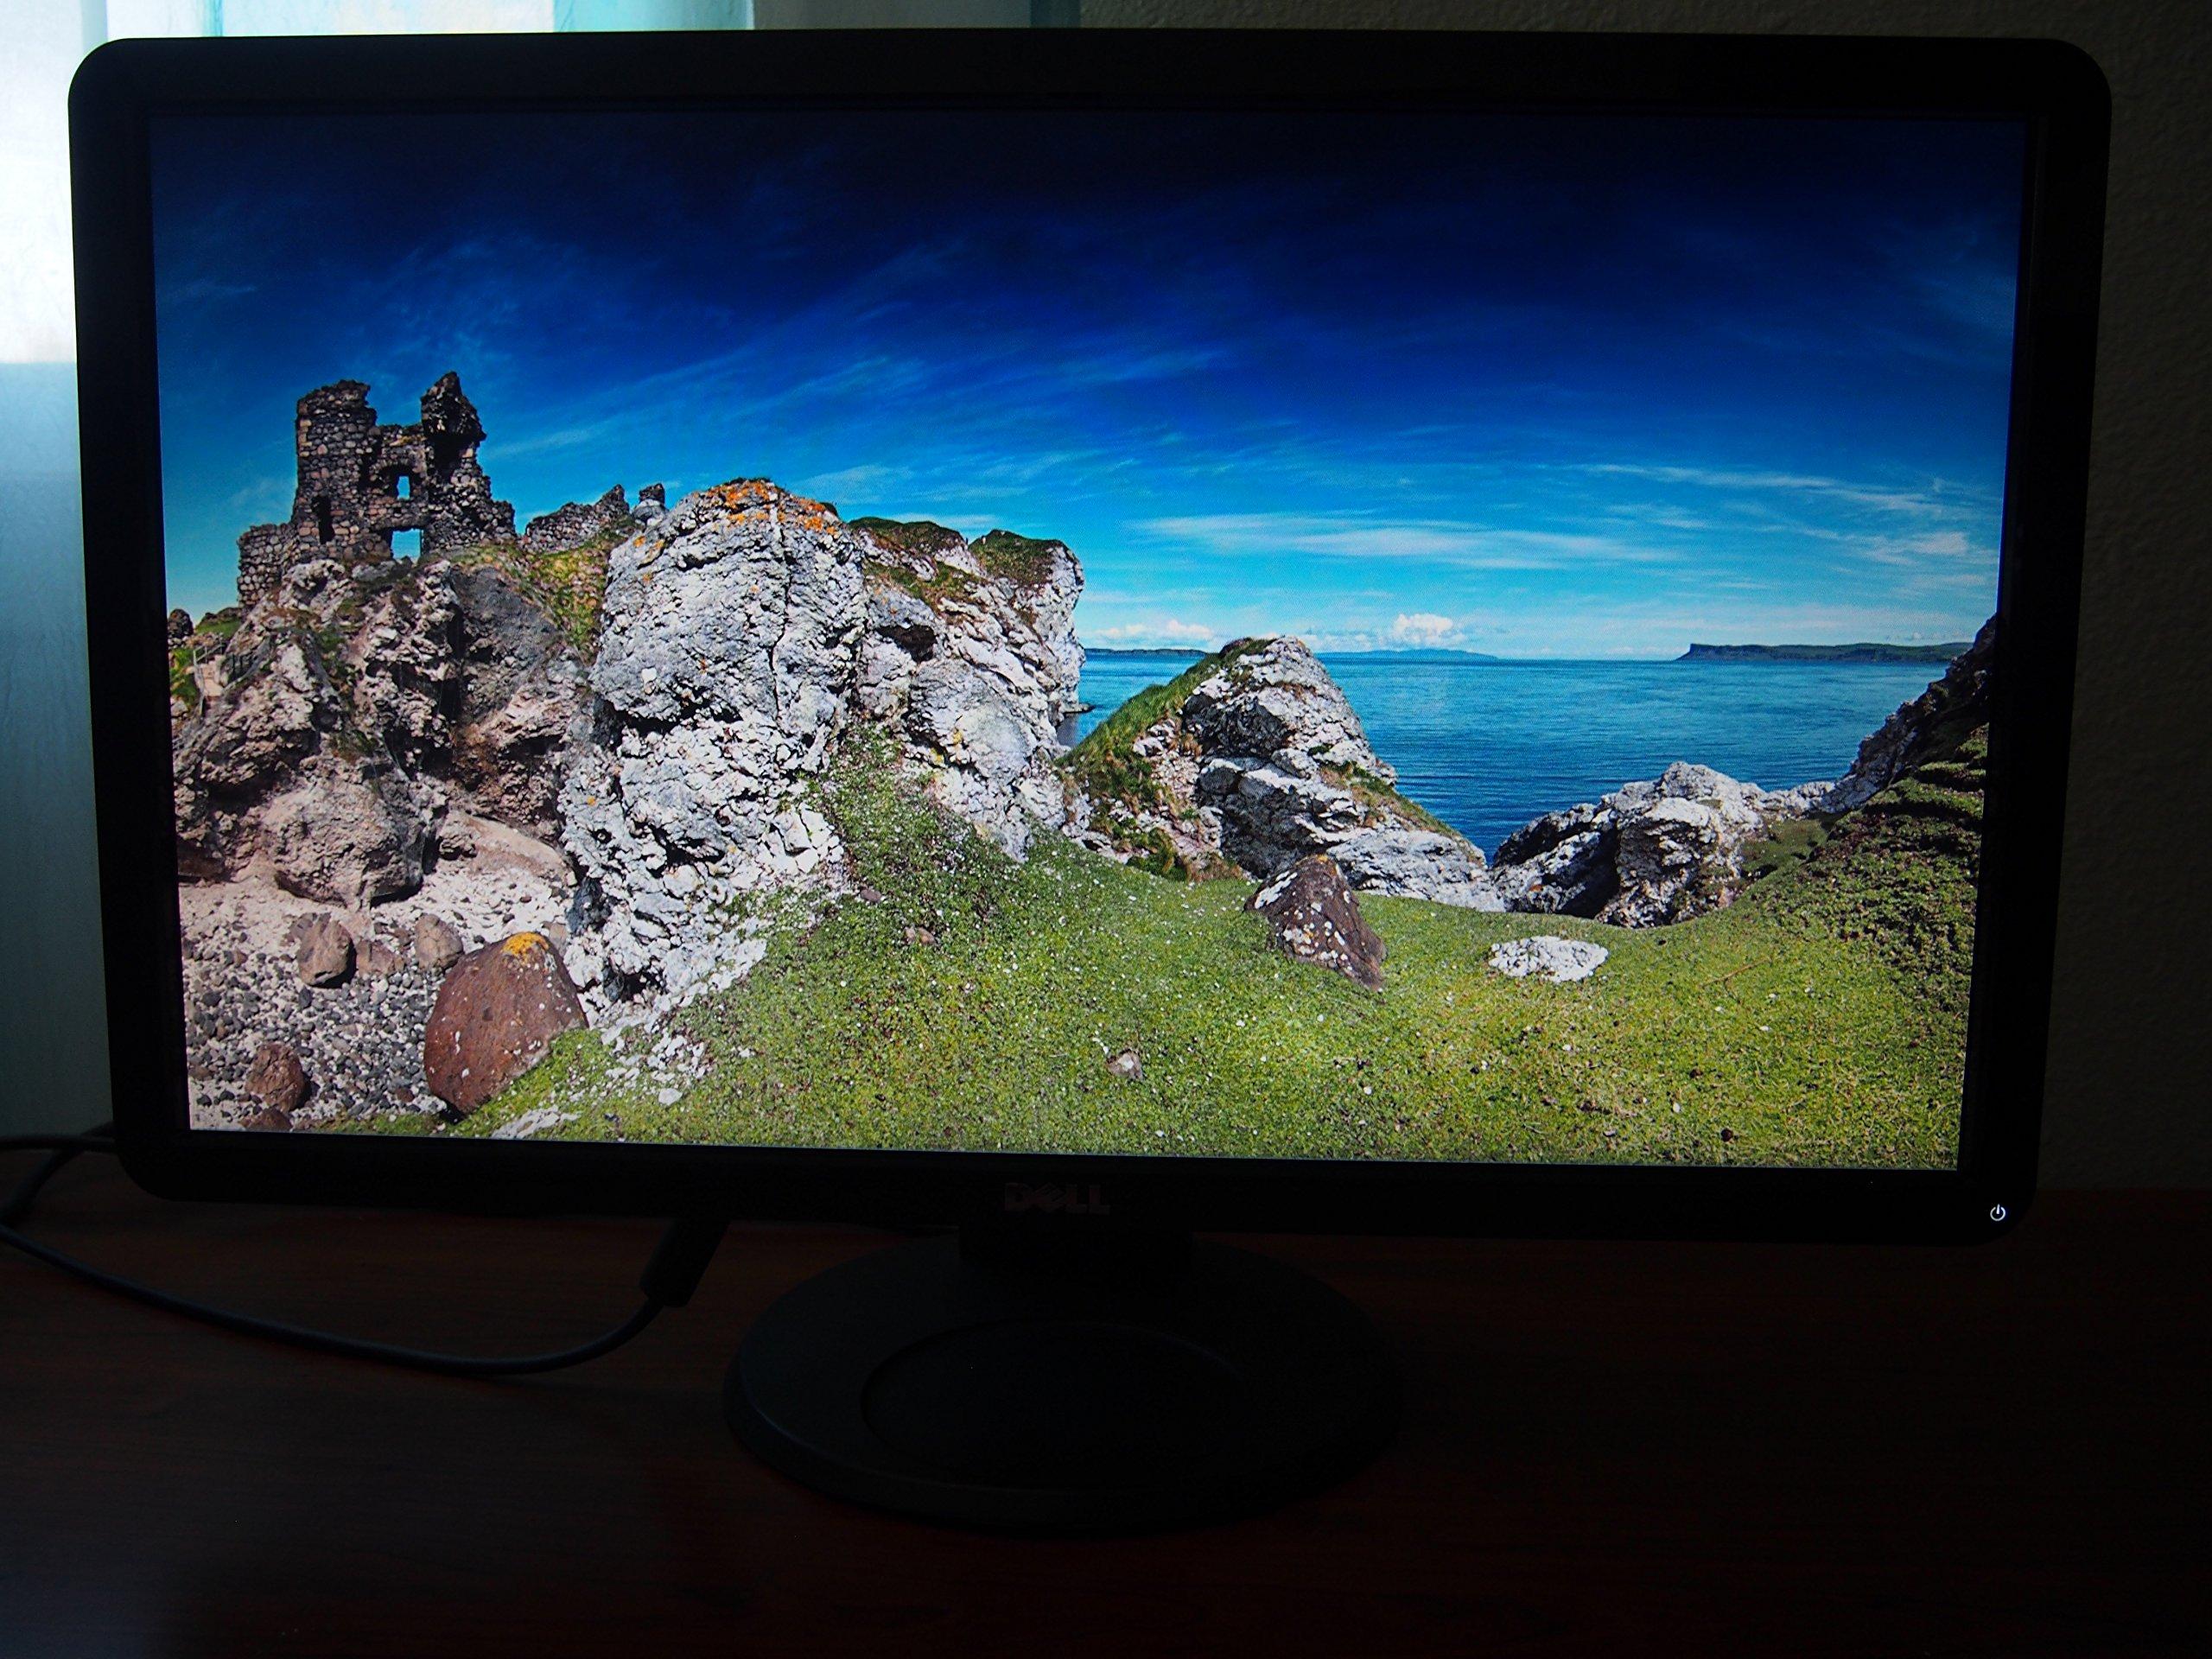 Dell S2409Wb Monitor LCD panorámico de 24 pulgadas con DVI/HDMI ...